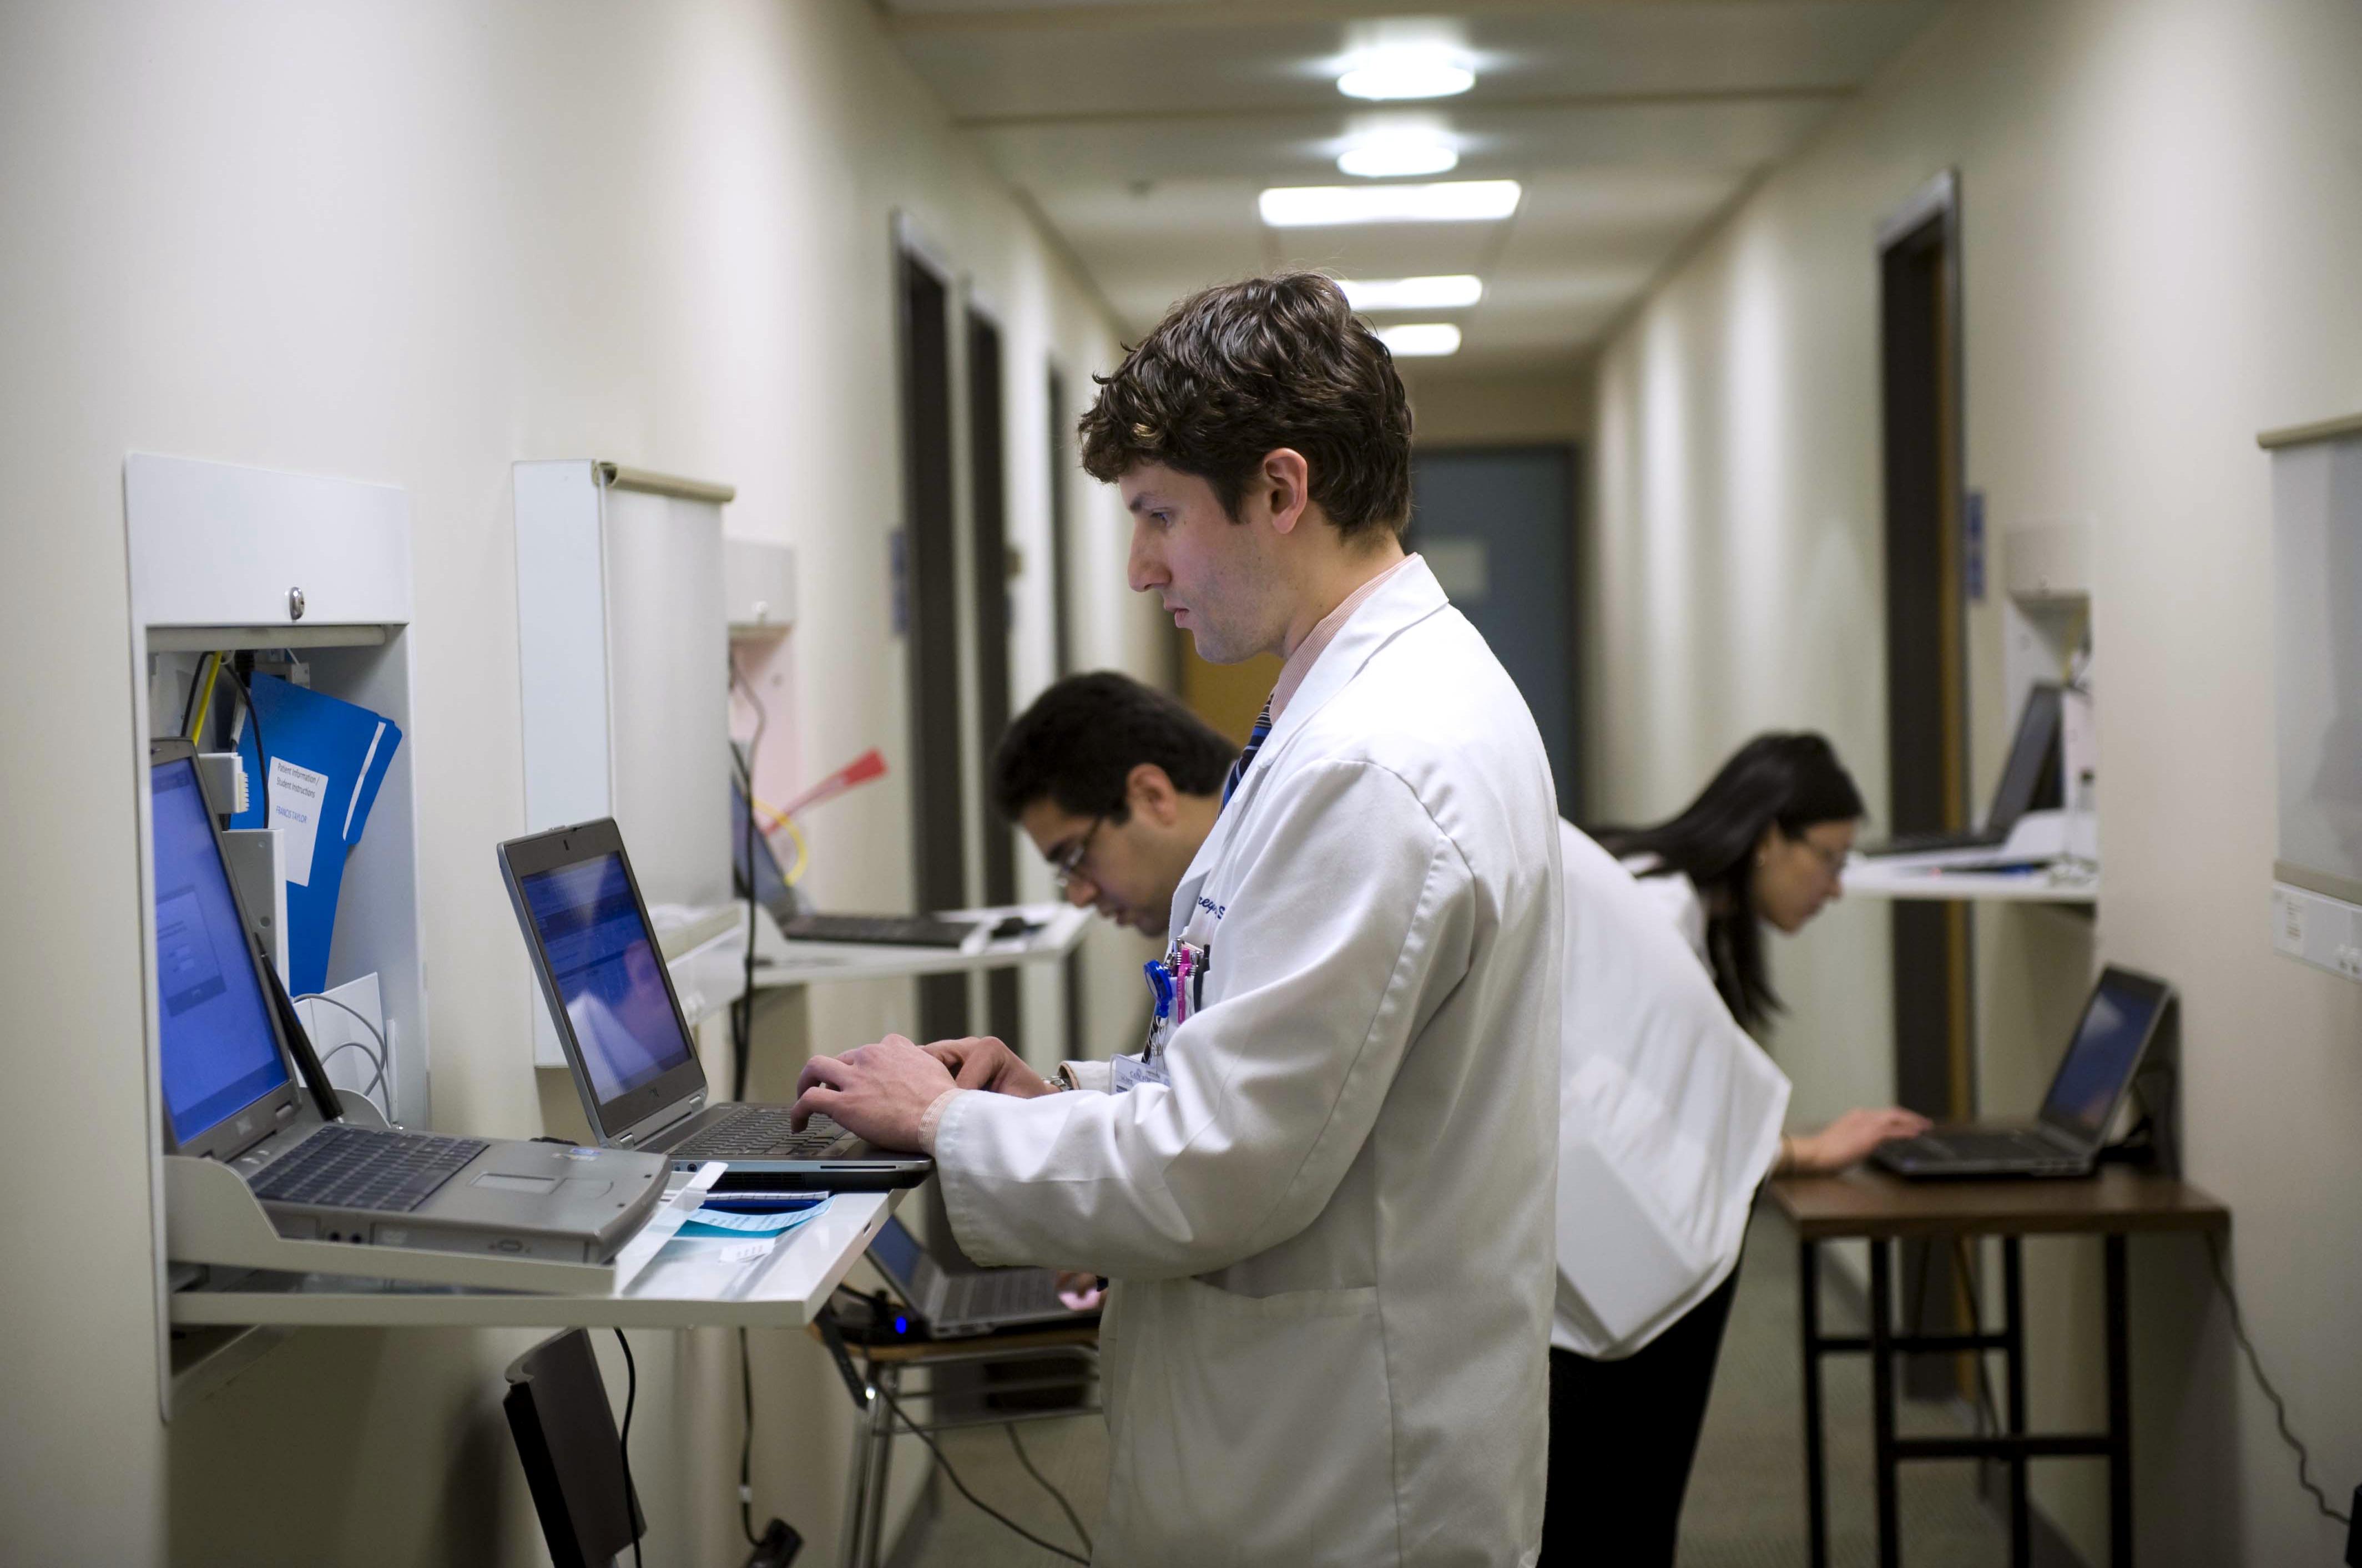 Doctors using computers